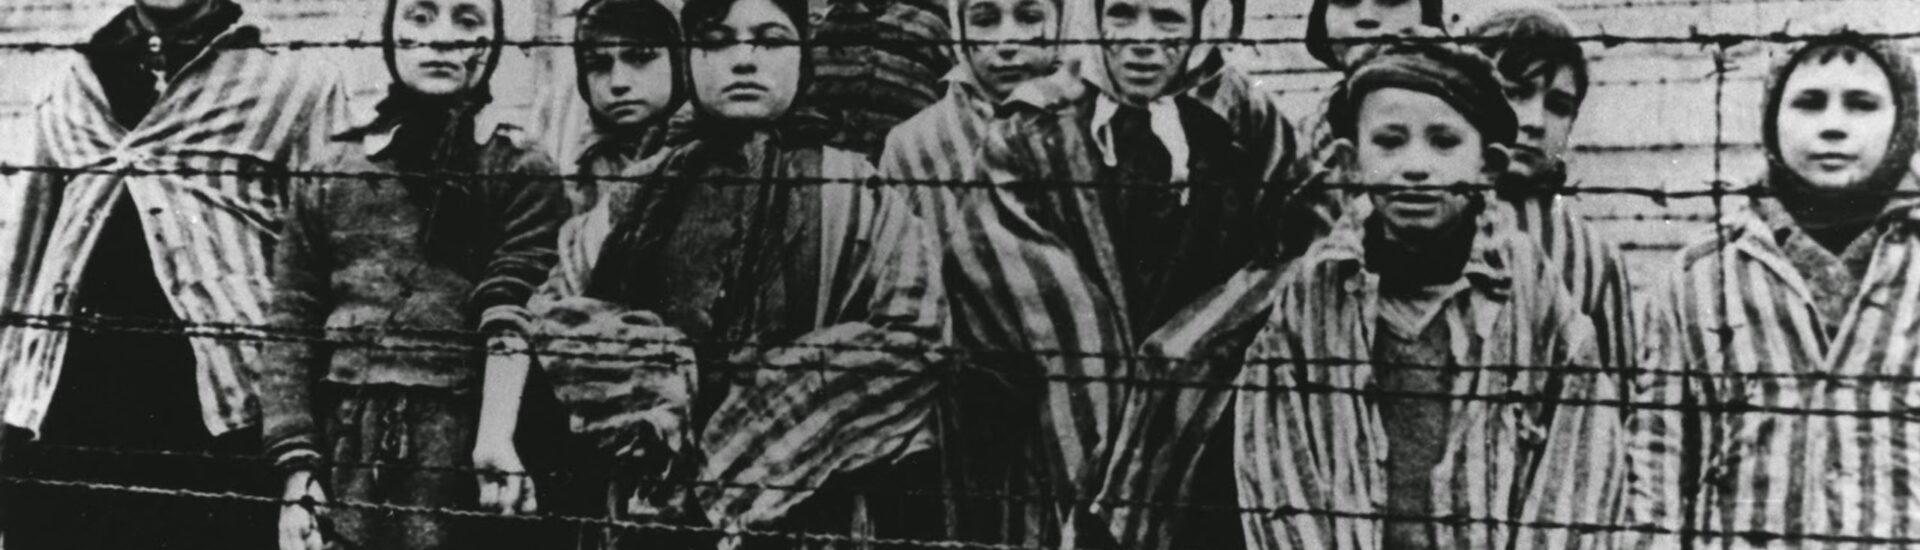 Ένωση Εβραίων της Γαλλίας για την Ειρήνη: Να τιμήσουμε την μνήμη της απελευθέρωσης του Άουσβιτς αρνούμενοι το ρατσισμό και το φασισμό